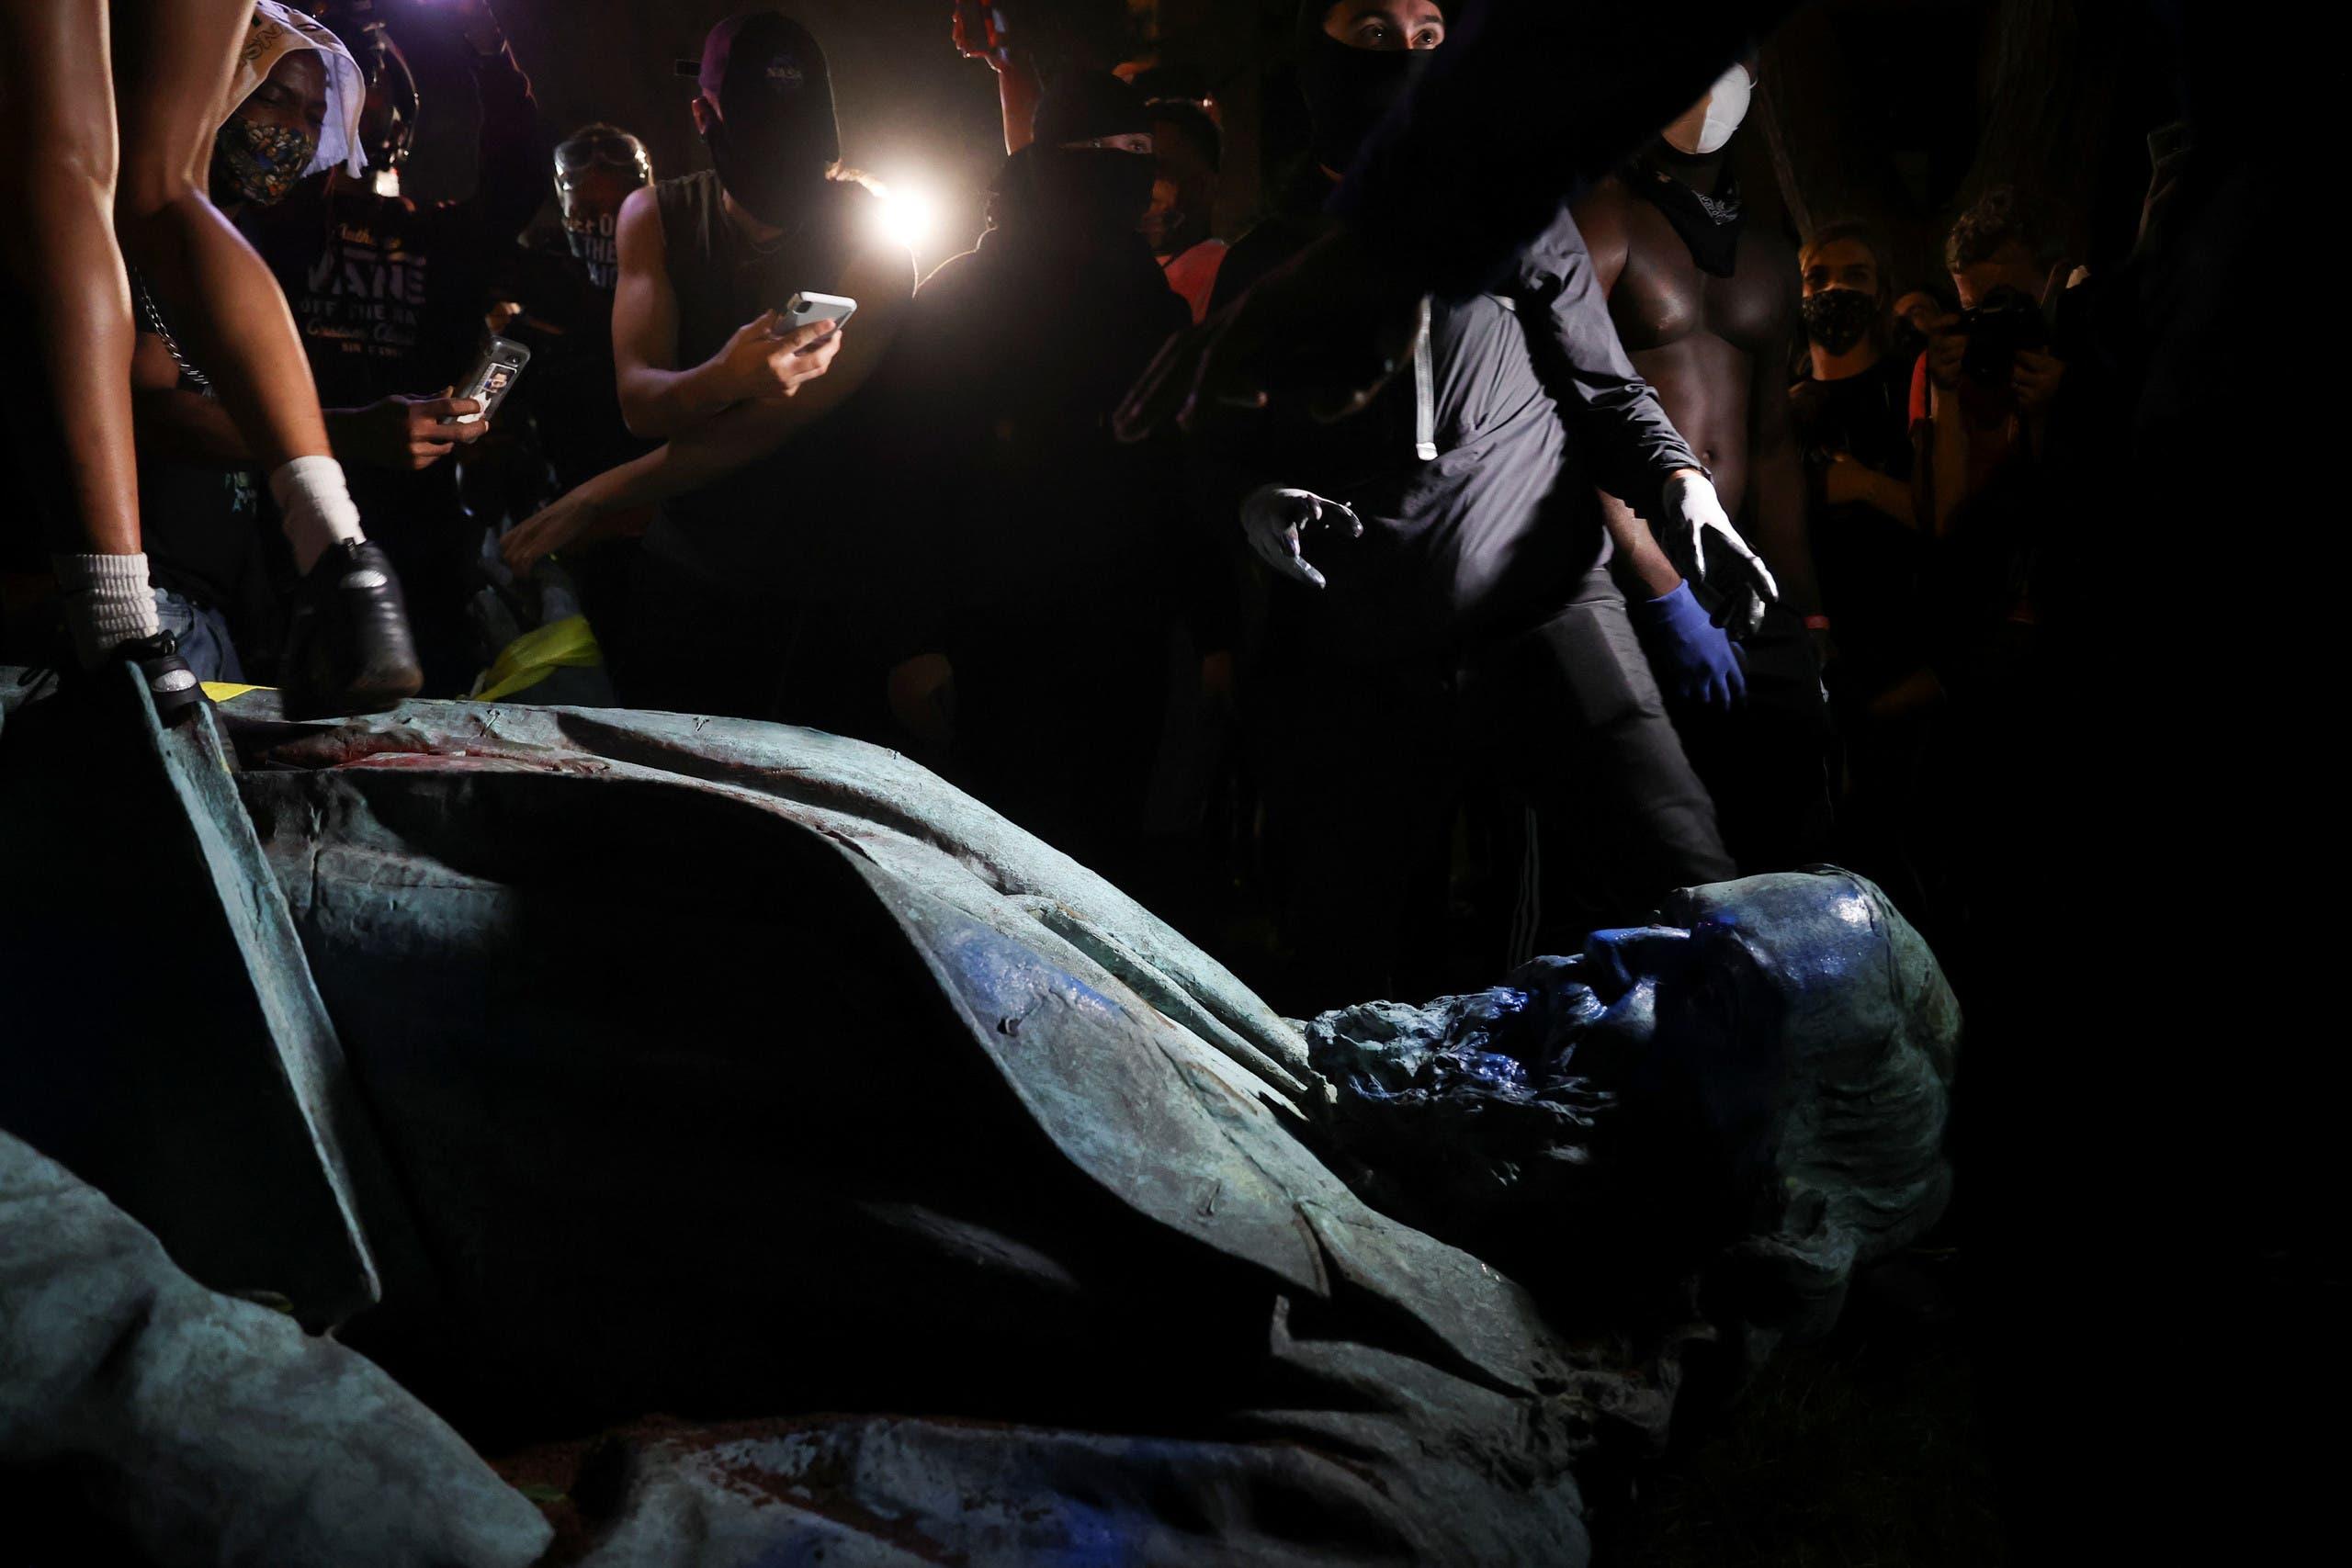 تمثال ألبرت بايك بعد أن أسقطه المحتجون